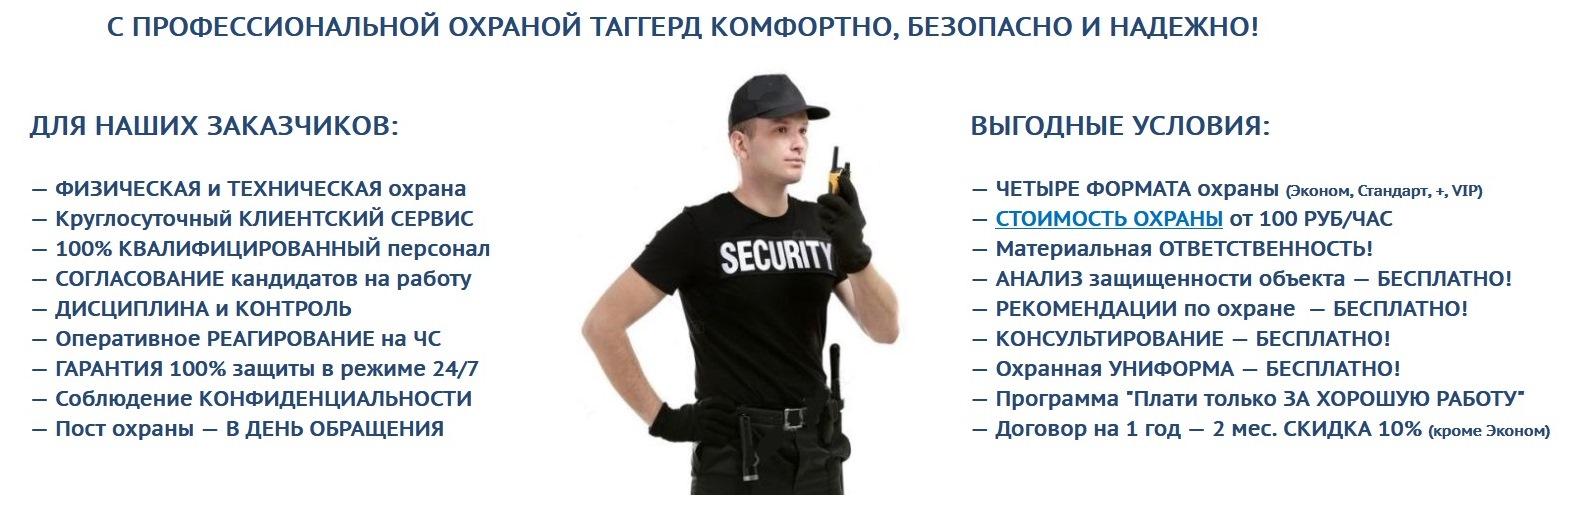 Охранники в ночной клуб а кафе вакансий бармен фитнес клубах москвы